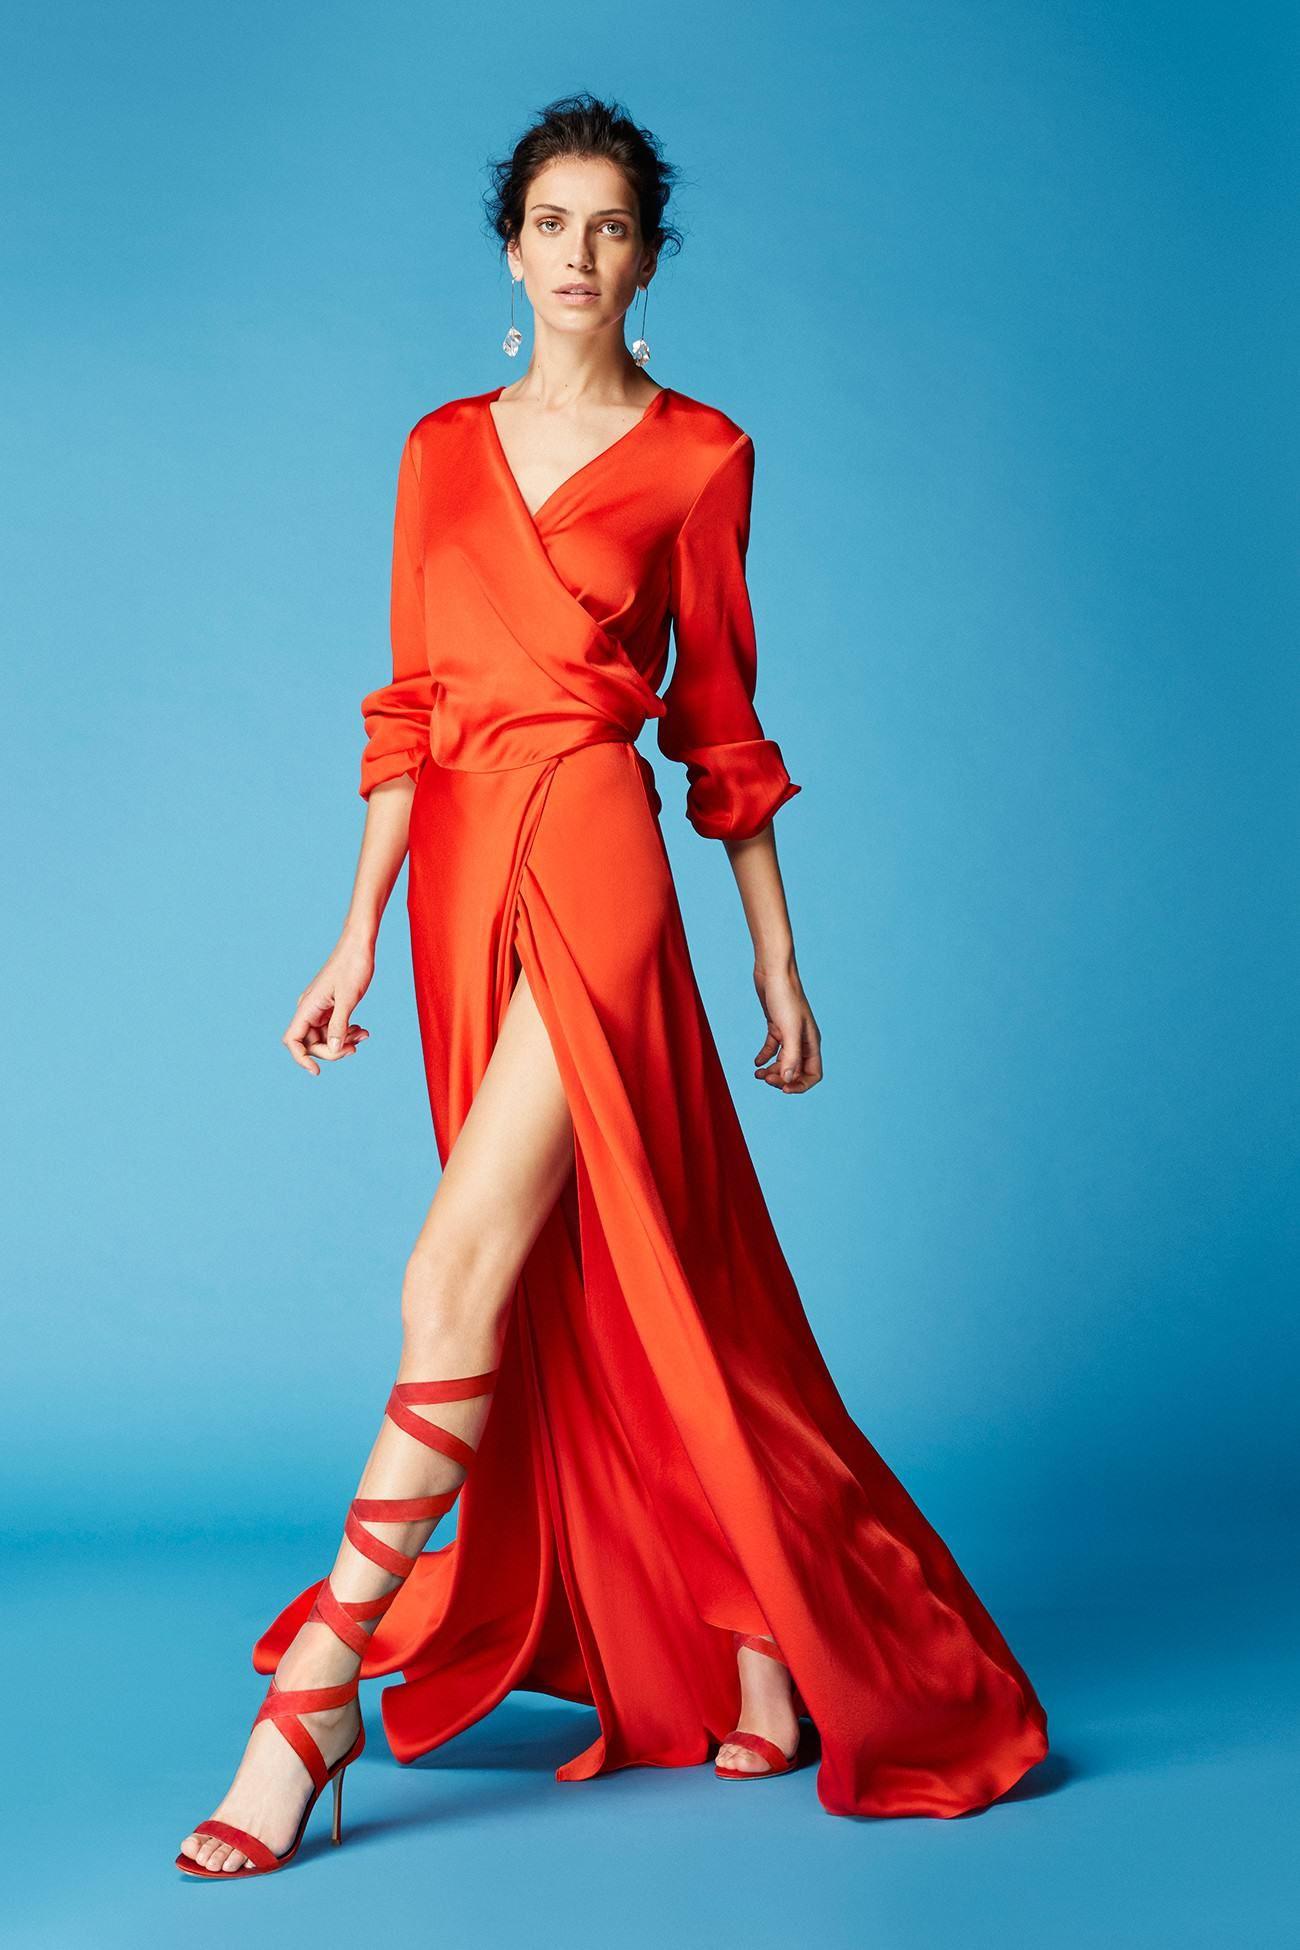 897b606d6bac2 Descubre la colección. Descubre la colección Vestidos Camiseros Elegantes  ...